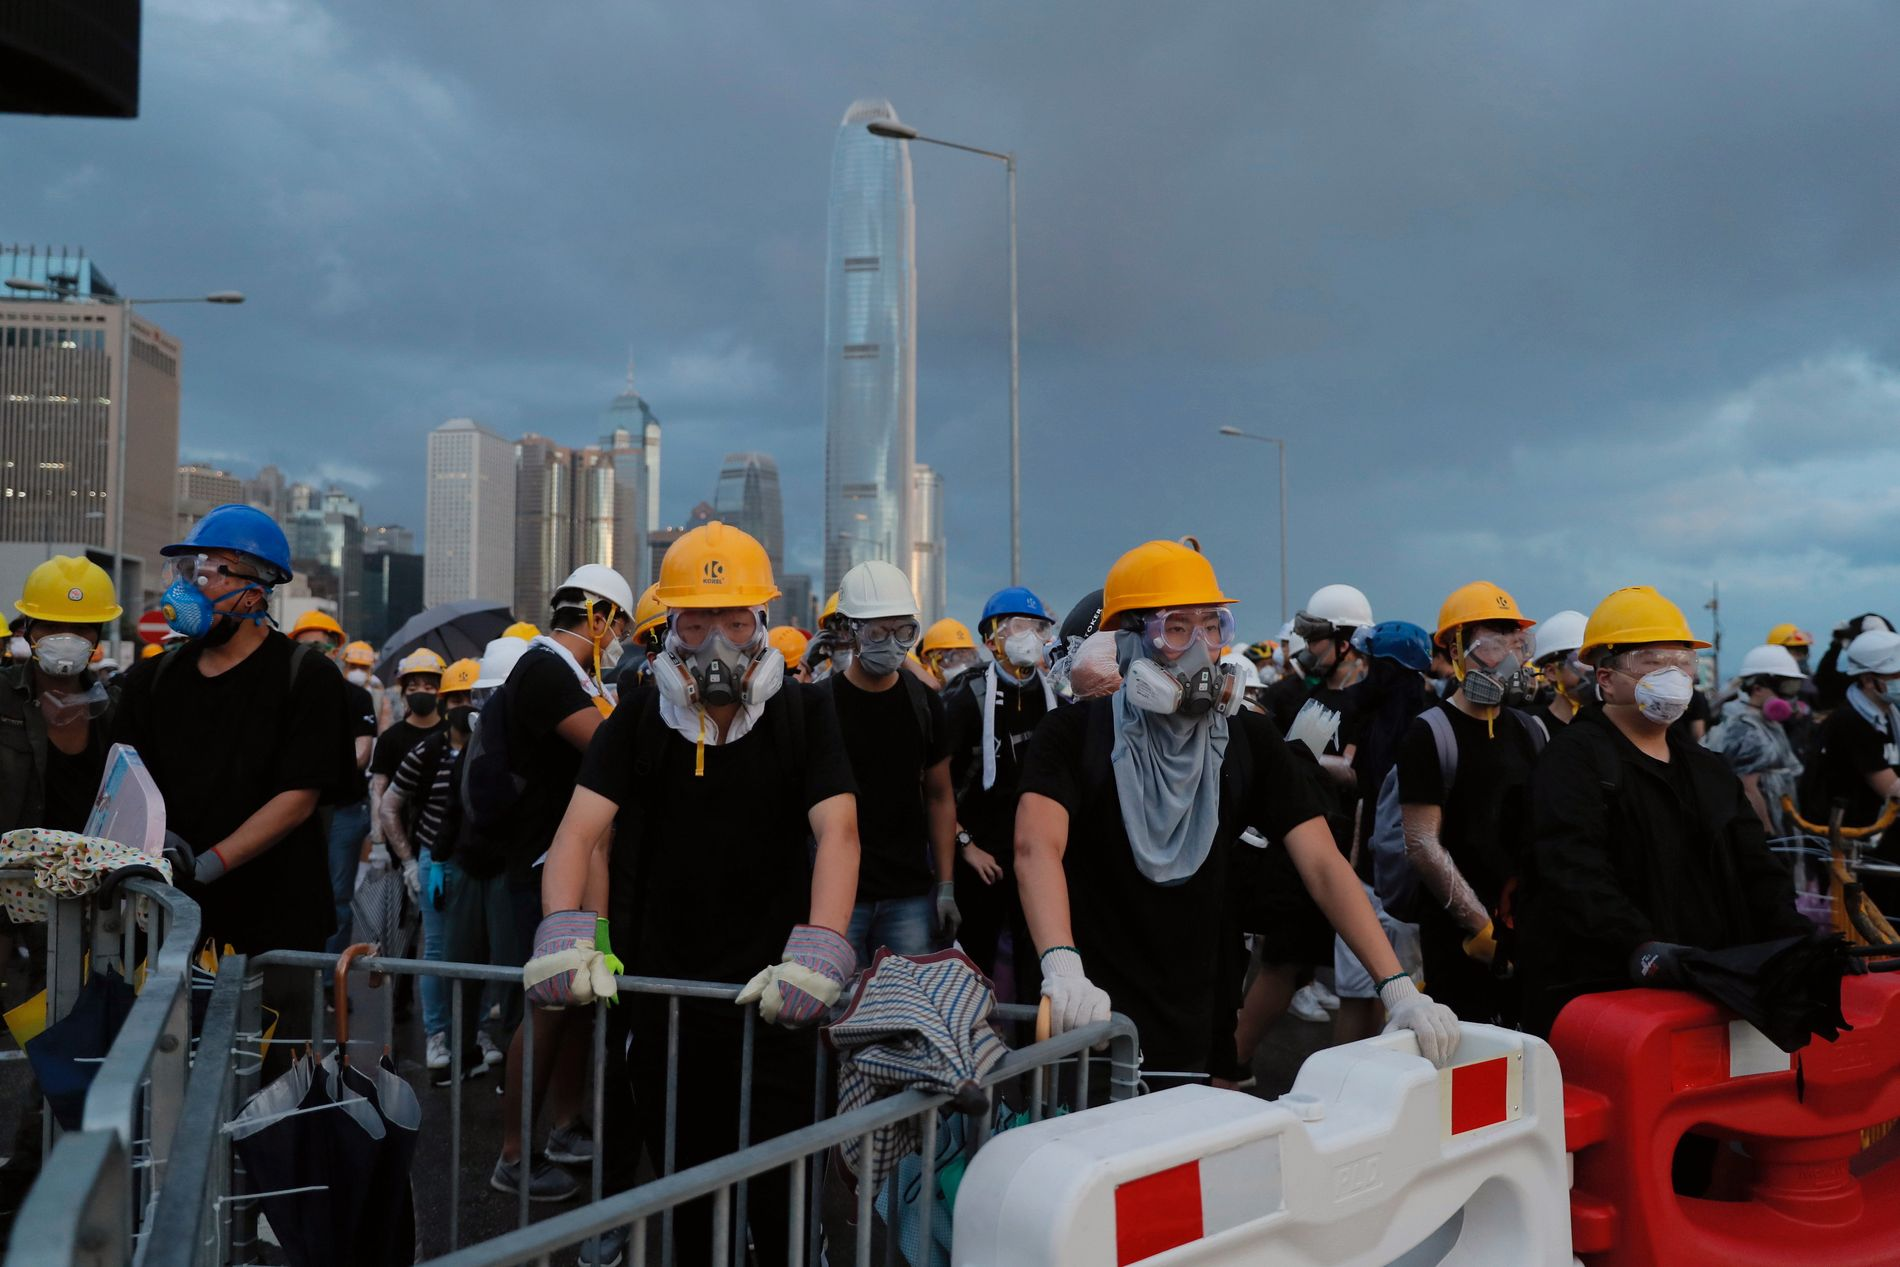 SPERRER VEIER: Demonstranter med hjelmer og gassmasker forsøker å sperre en vei som leder inn til området der det markeres at det er 22 år siden Hongkong ble overført til Kina.